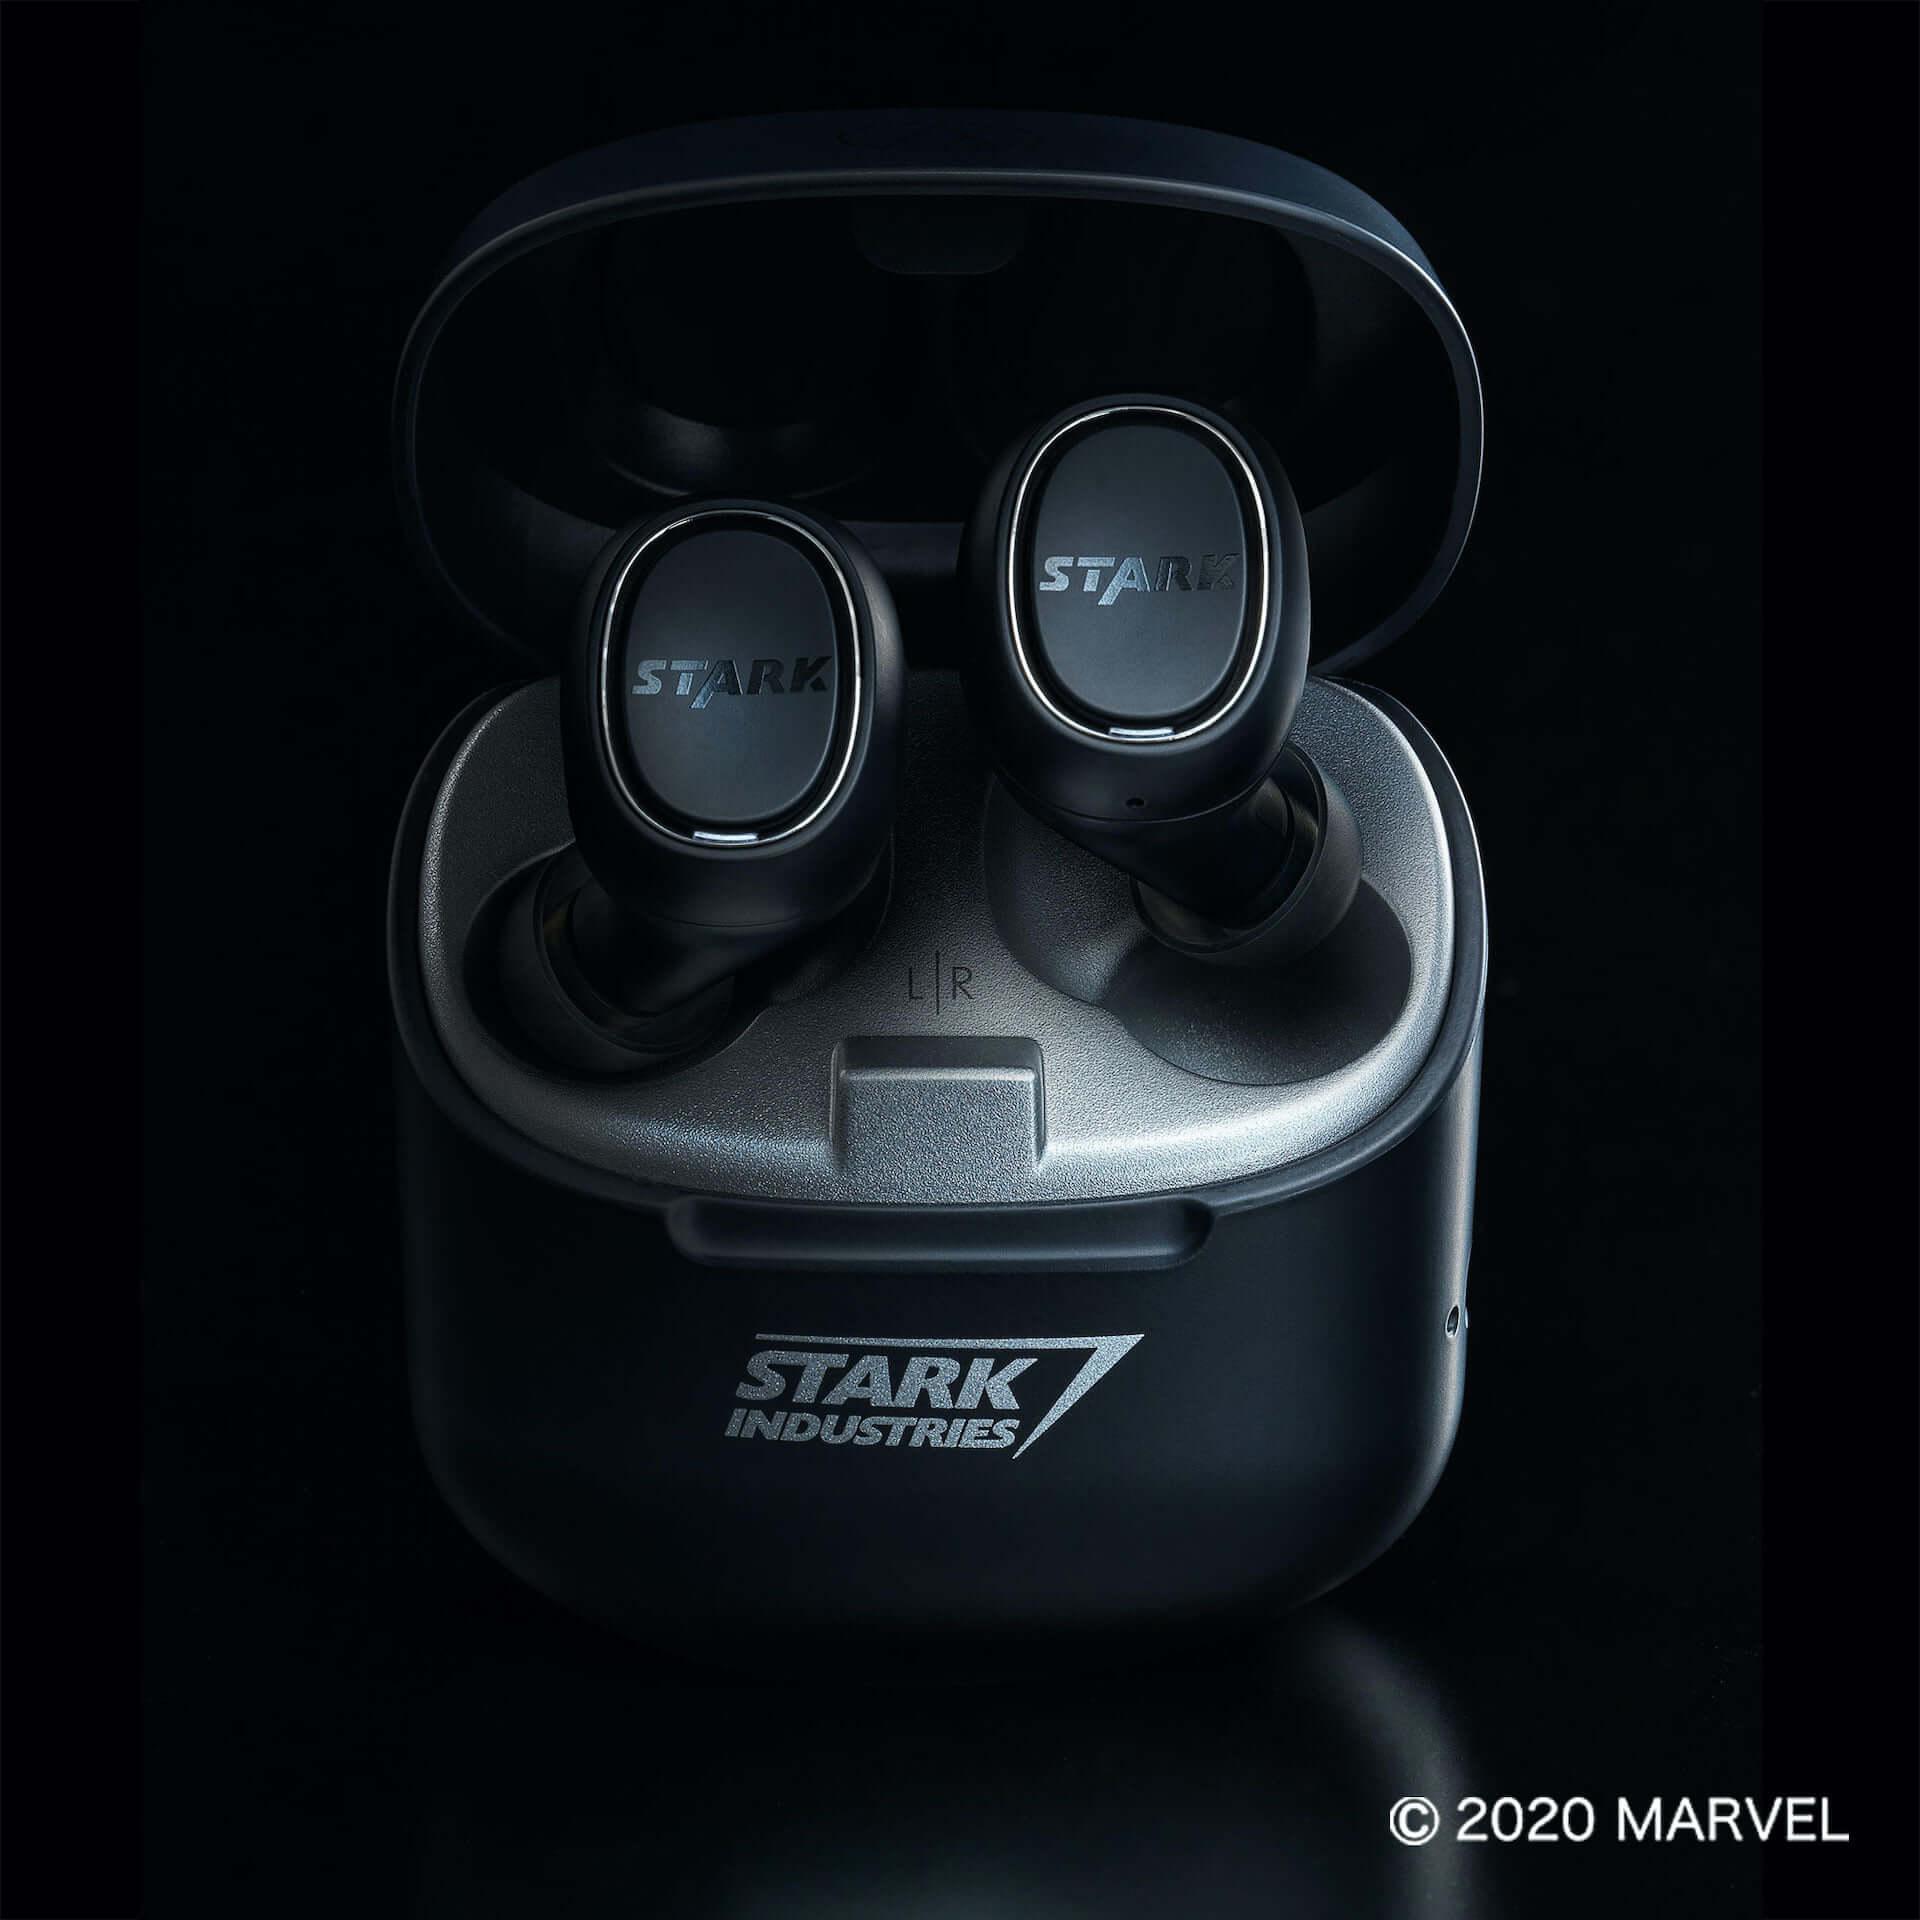 オーディオテクニカ×MARVELによる完全ワイヤレスヘッドホンが国内限定で登場|トニー・スタークが産んだ人工知能の音声ガイドも搭載 tech200619_a-t_marvel_3-1920x1920